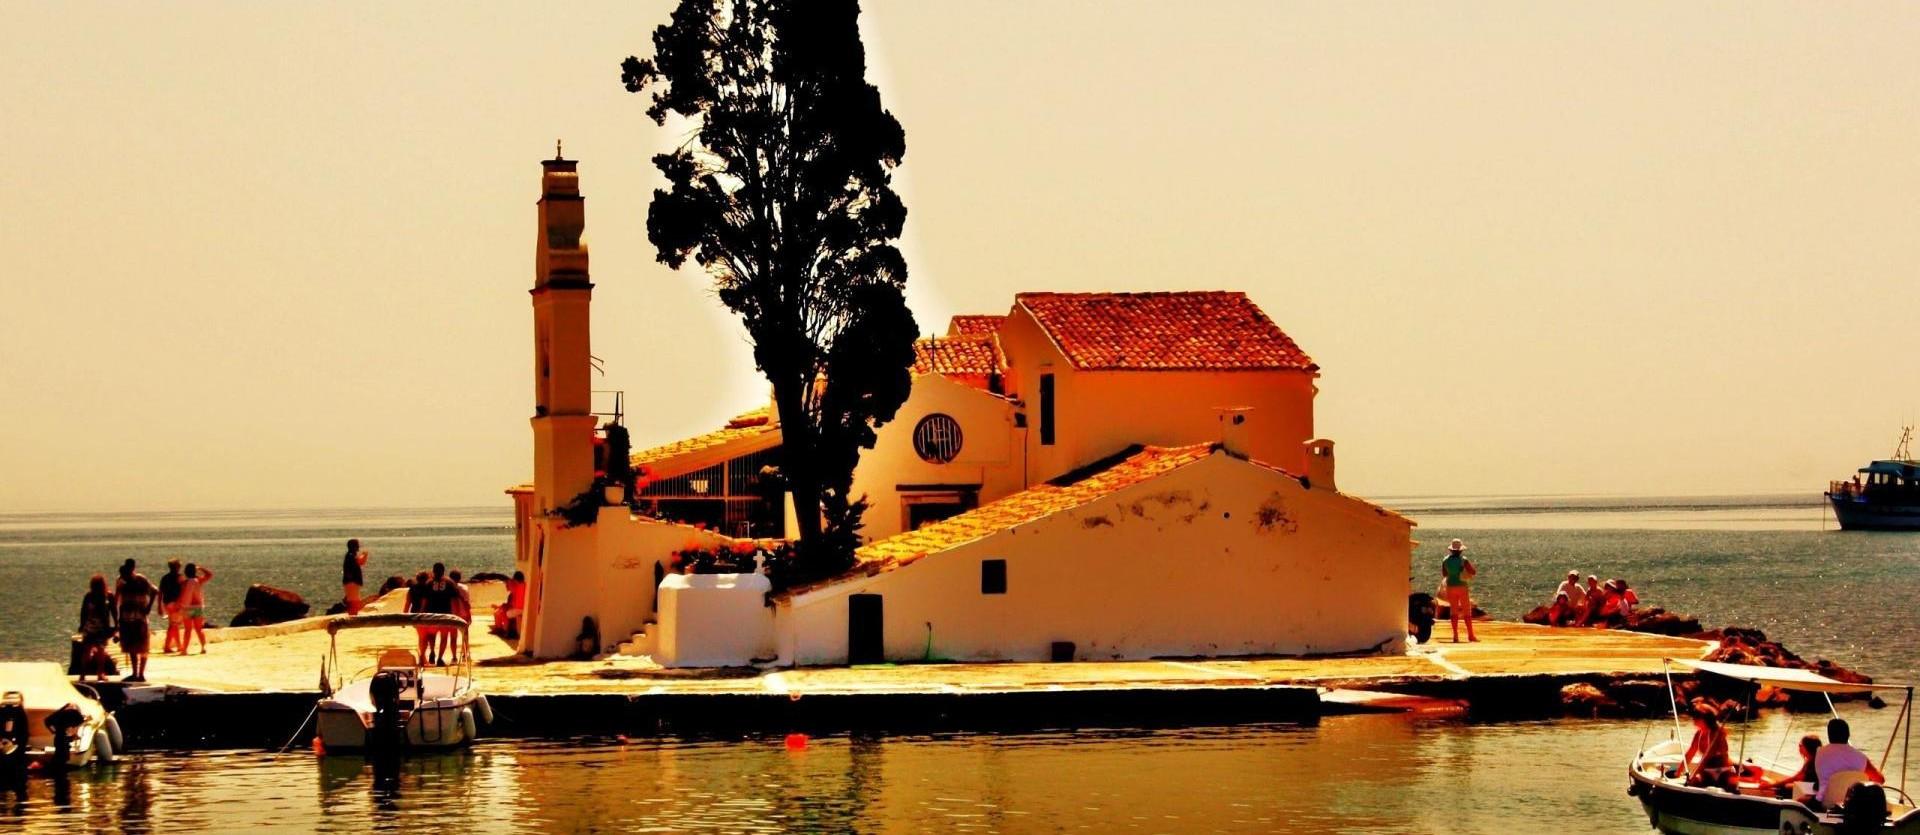 church_on_an_ionian_isl_corfu_greece-e1418142938841